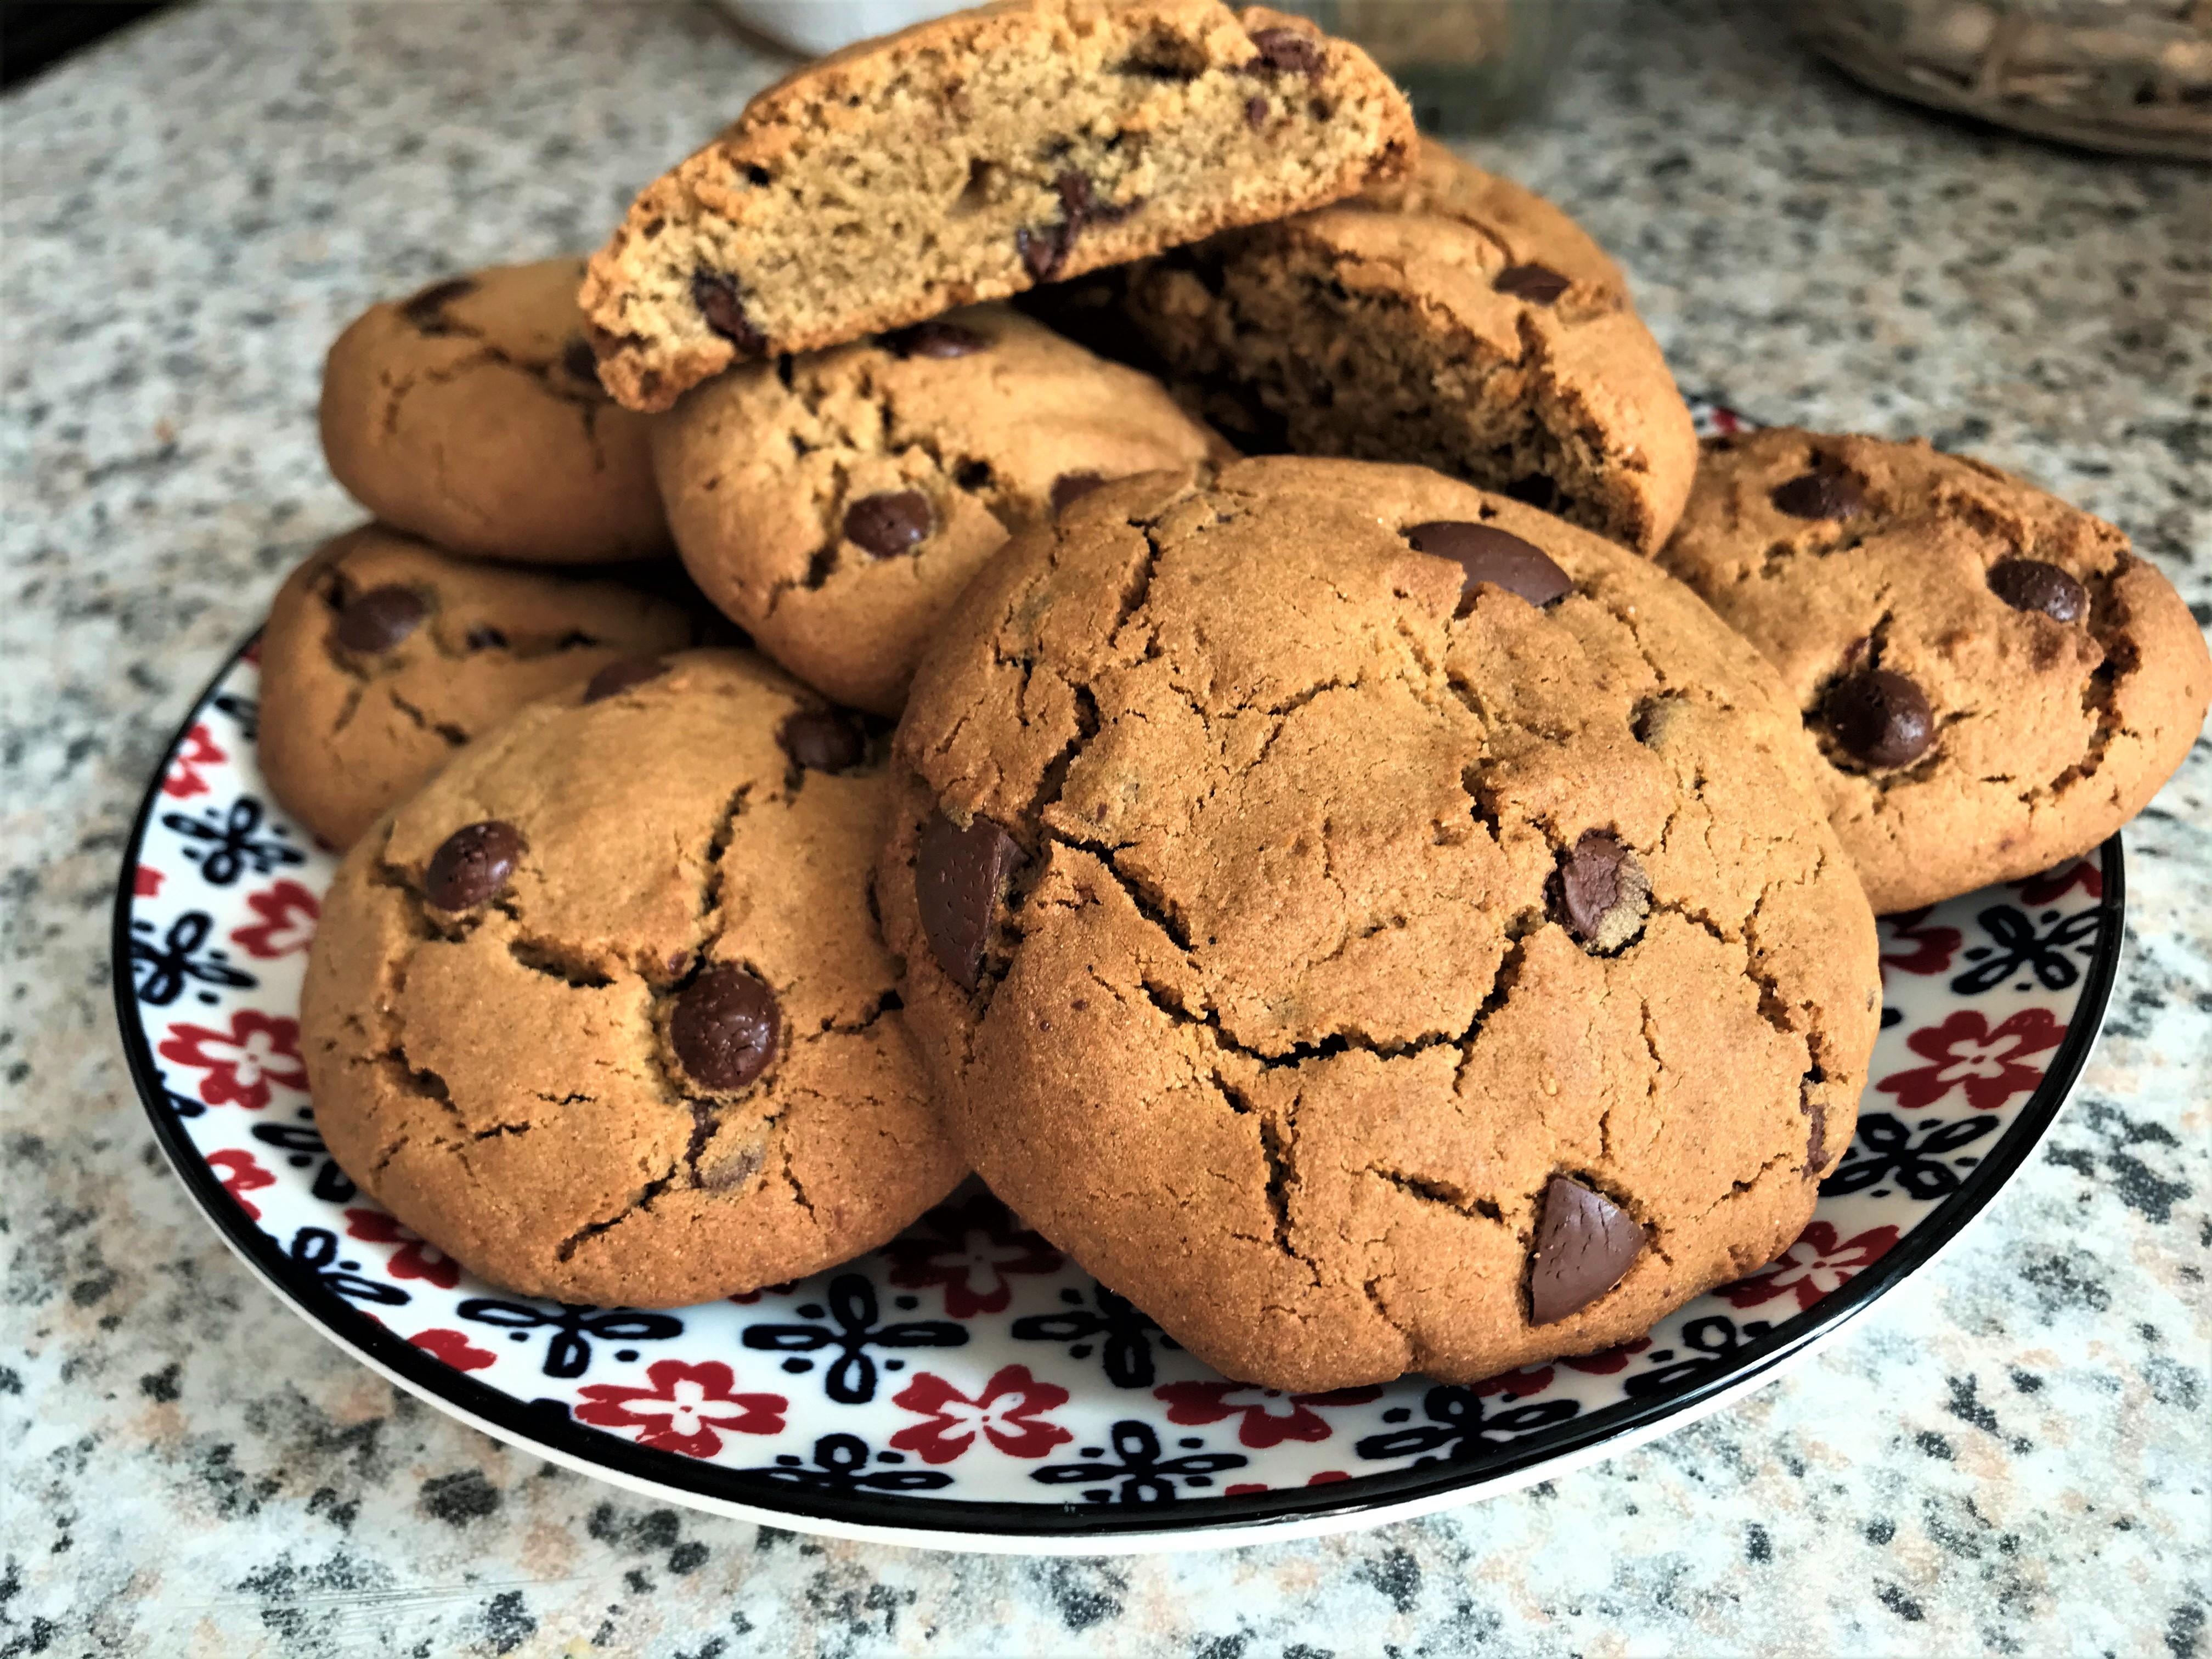 Cookies gourmands, éclats de noisettes et pépites e chocolat